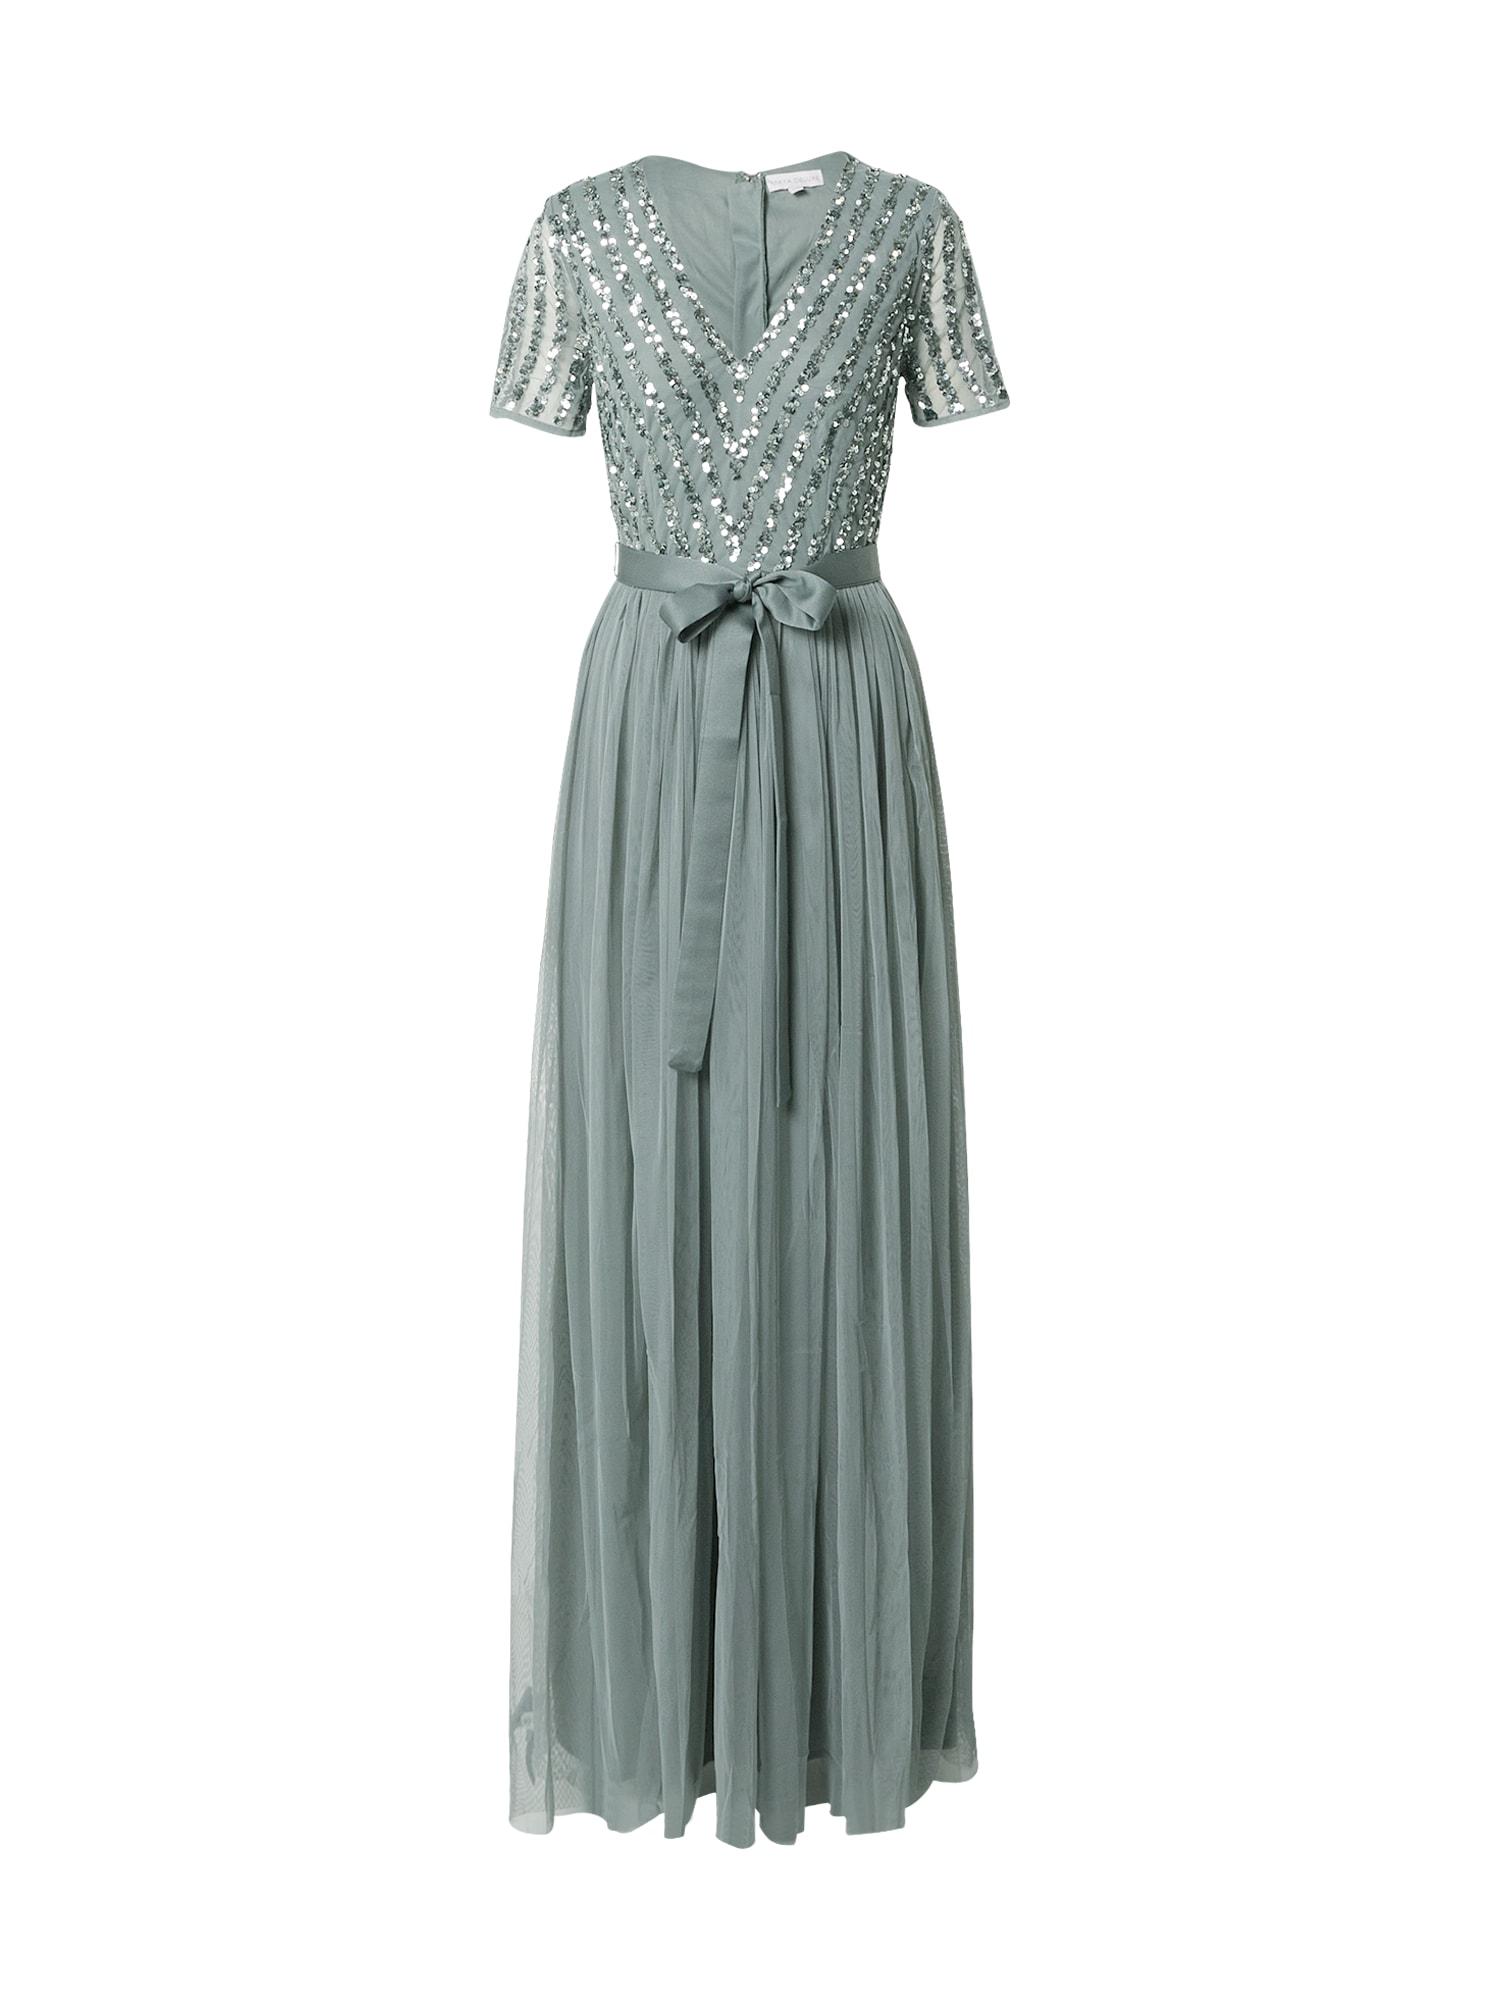 Maya Deluxe Vakarinė suknelė šviesiai žalia / sidabrinė